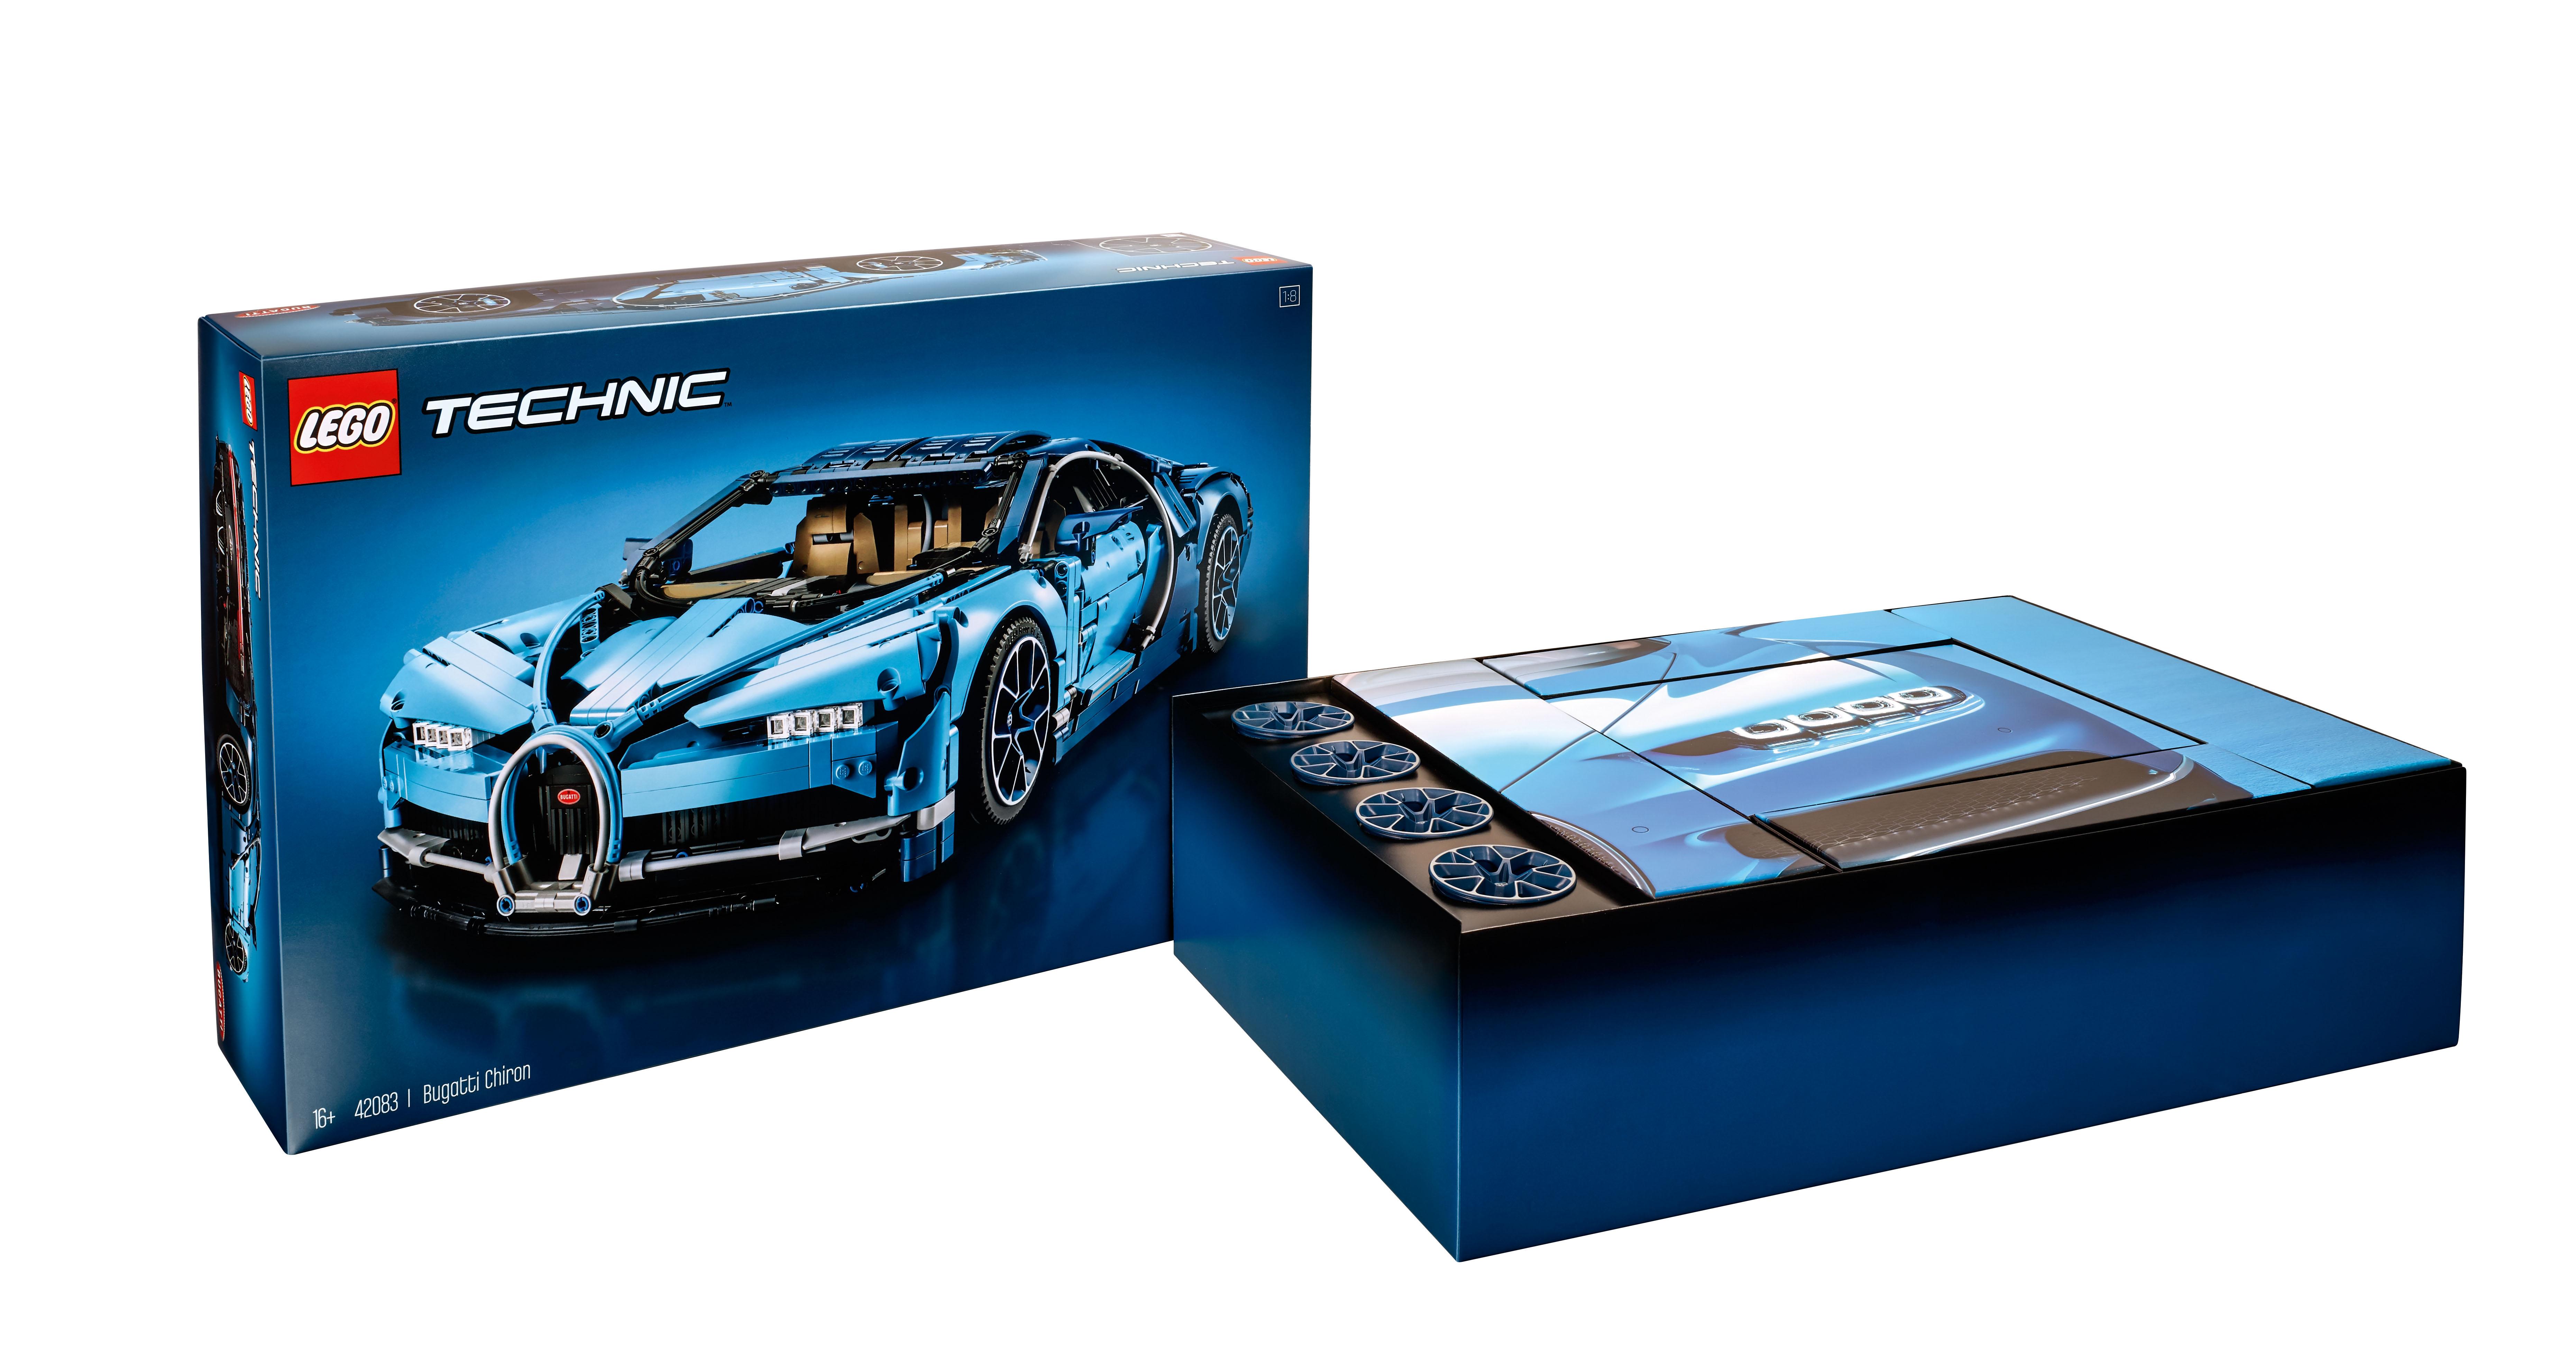 Lego Technic Bugatti Chiron 42083 Officially Announced The Brick Fan